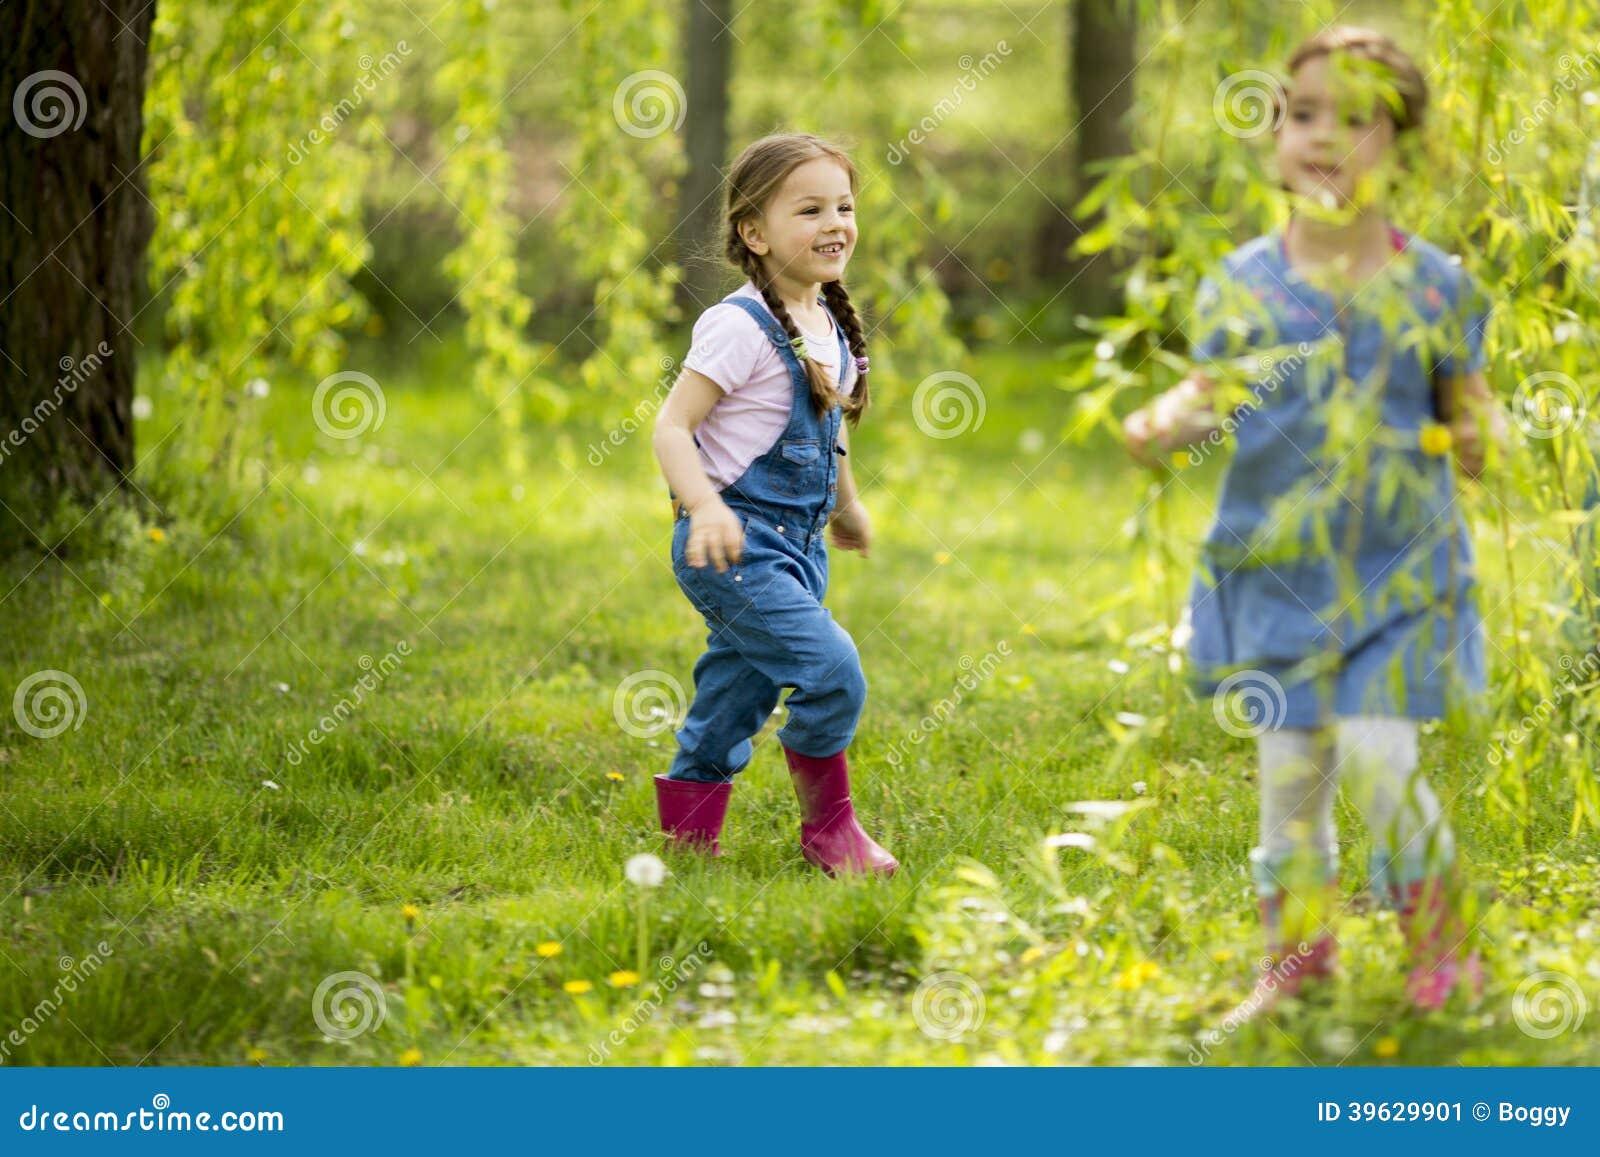 Małe dziewczynki playuing w lesie